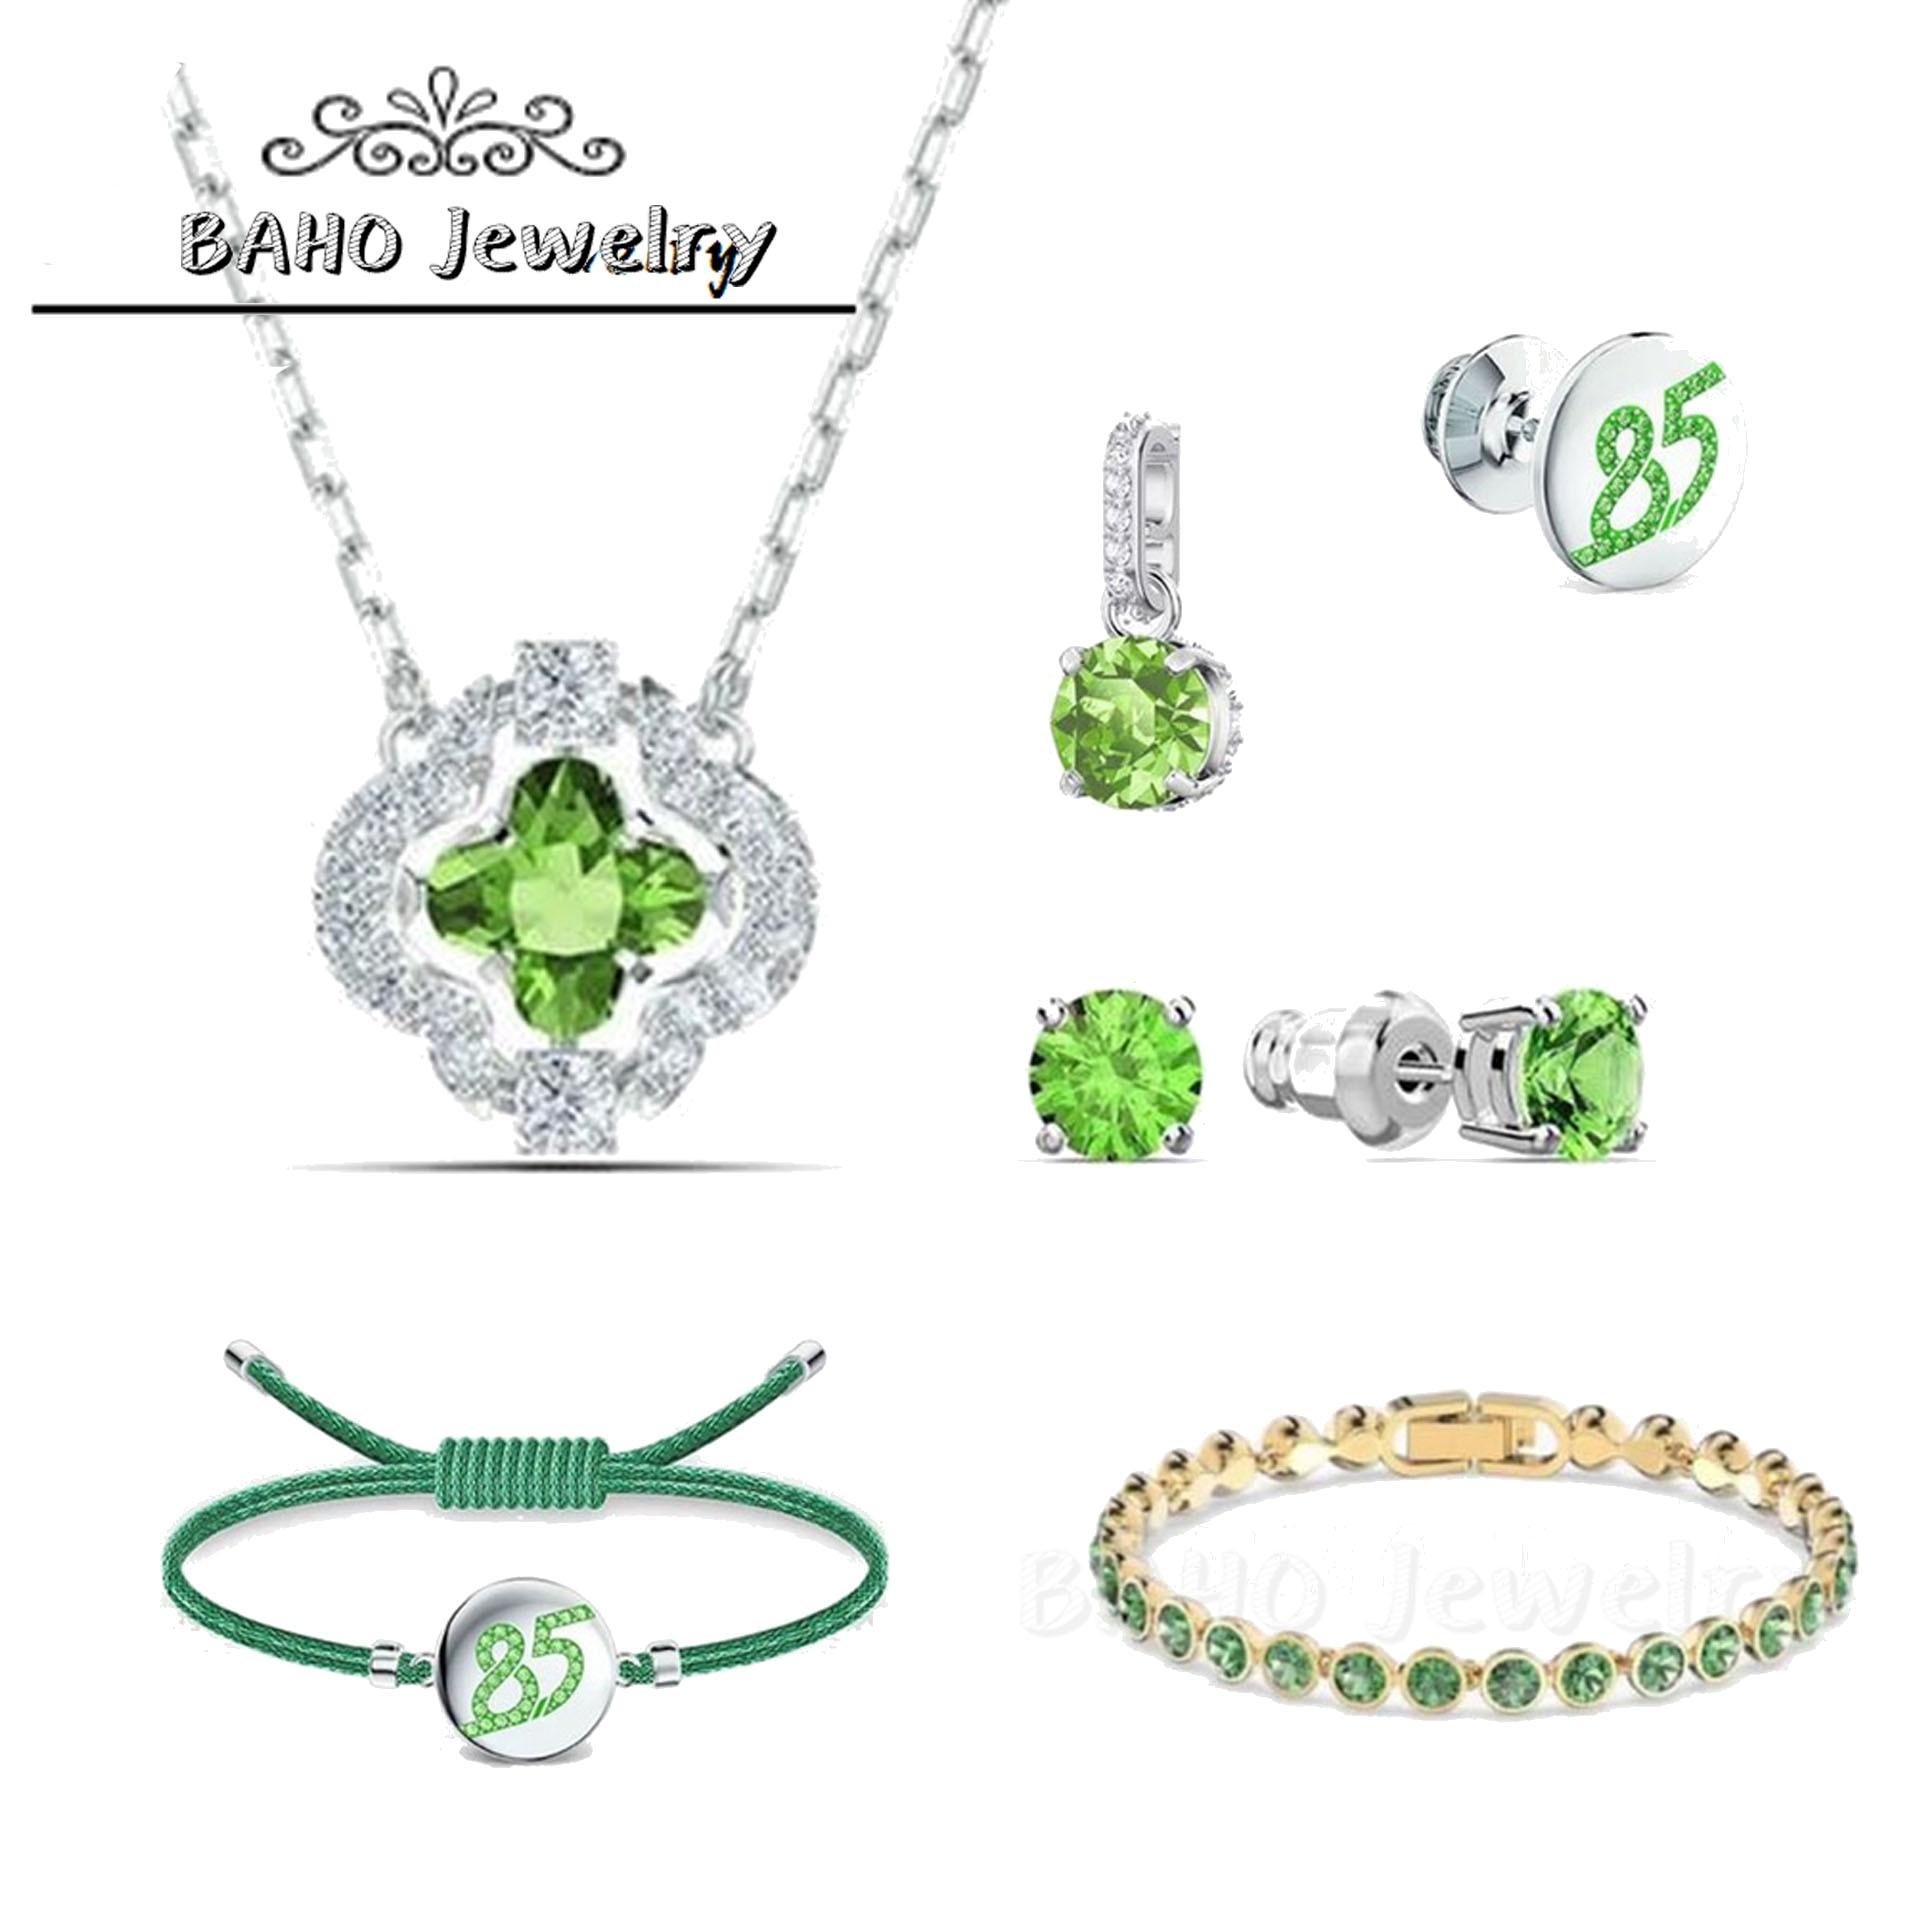 SWA1:1 оригинальные модные ювелирные изделия 2020 Новая зеленая серия, очаровательное 85 женское изысканное ожерелье с кулоном романтический по...